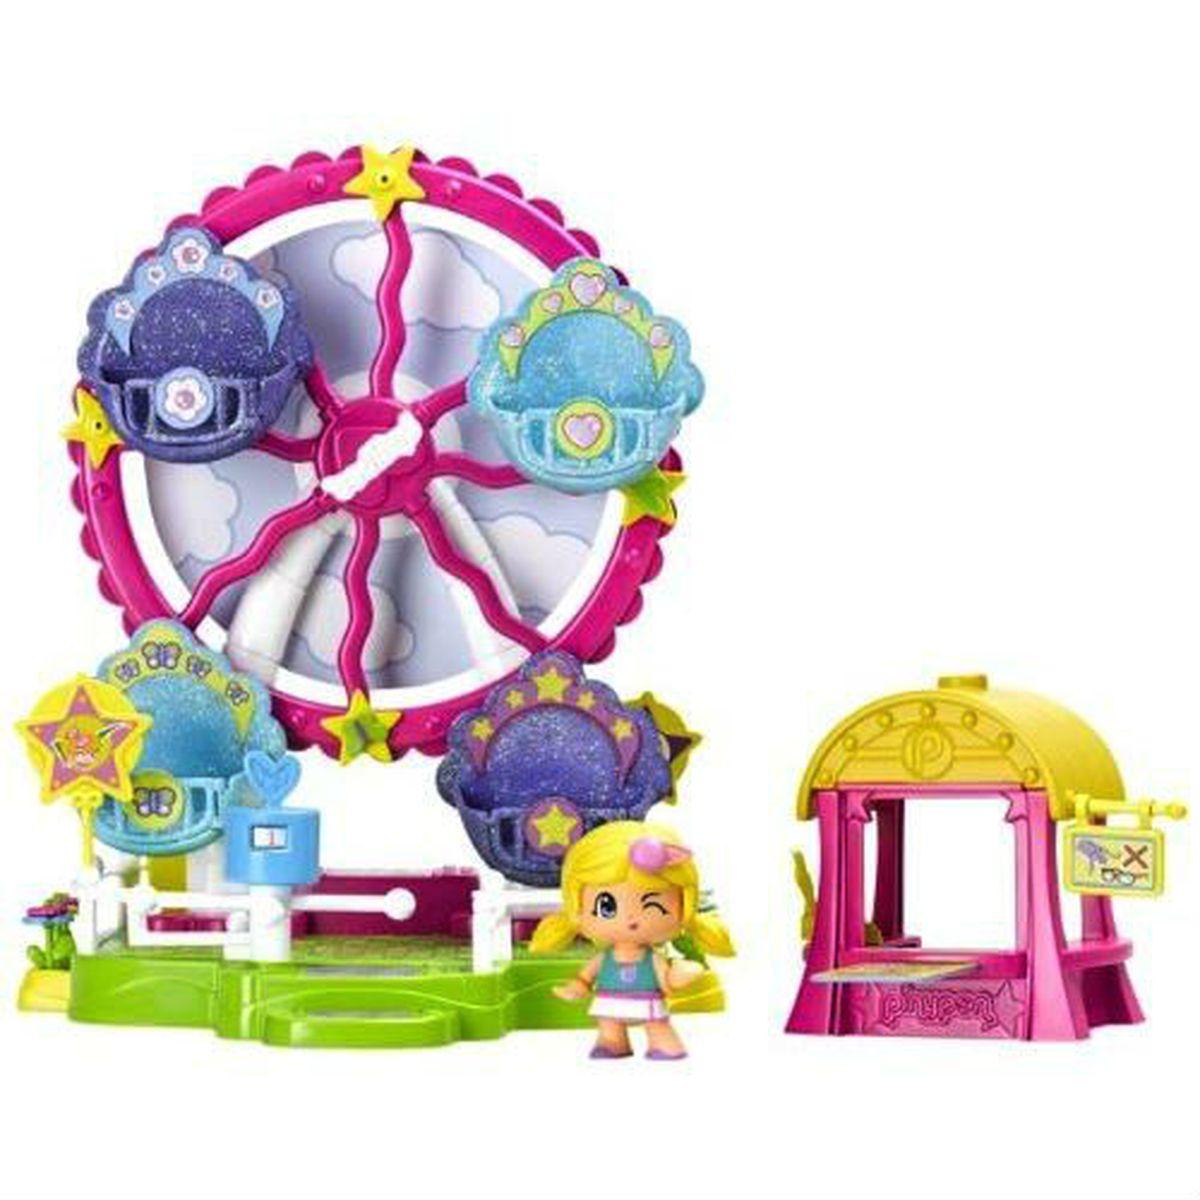 Famosa Игровой набор с куклой Колесо обозрения Пинипон кукла famosa ненси спортсменка конный спорт